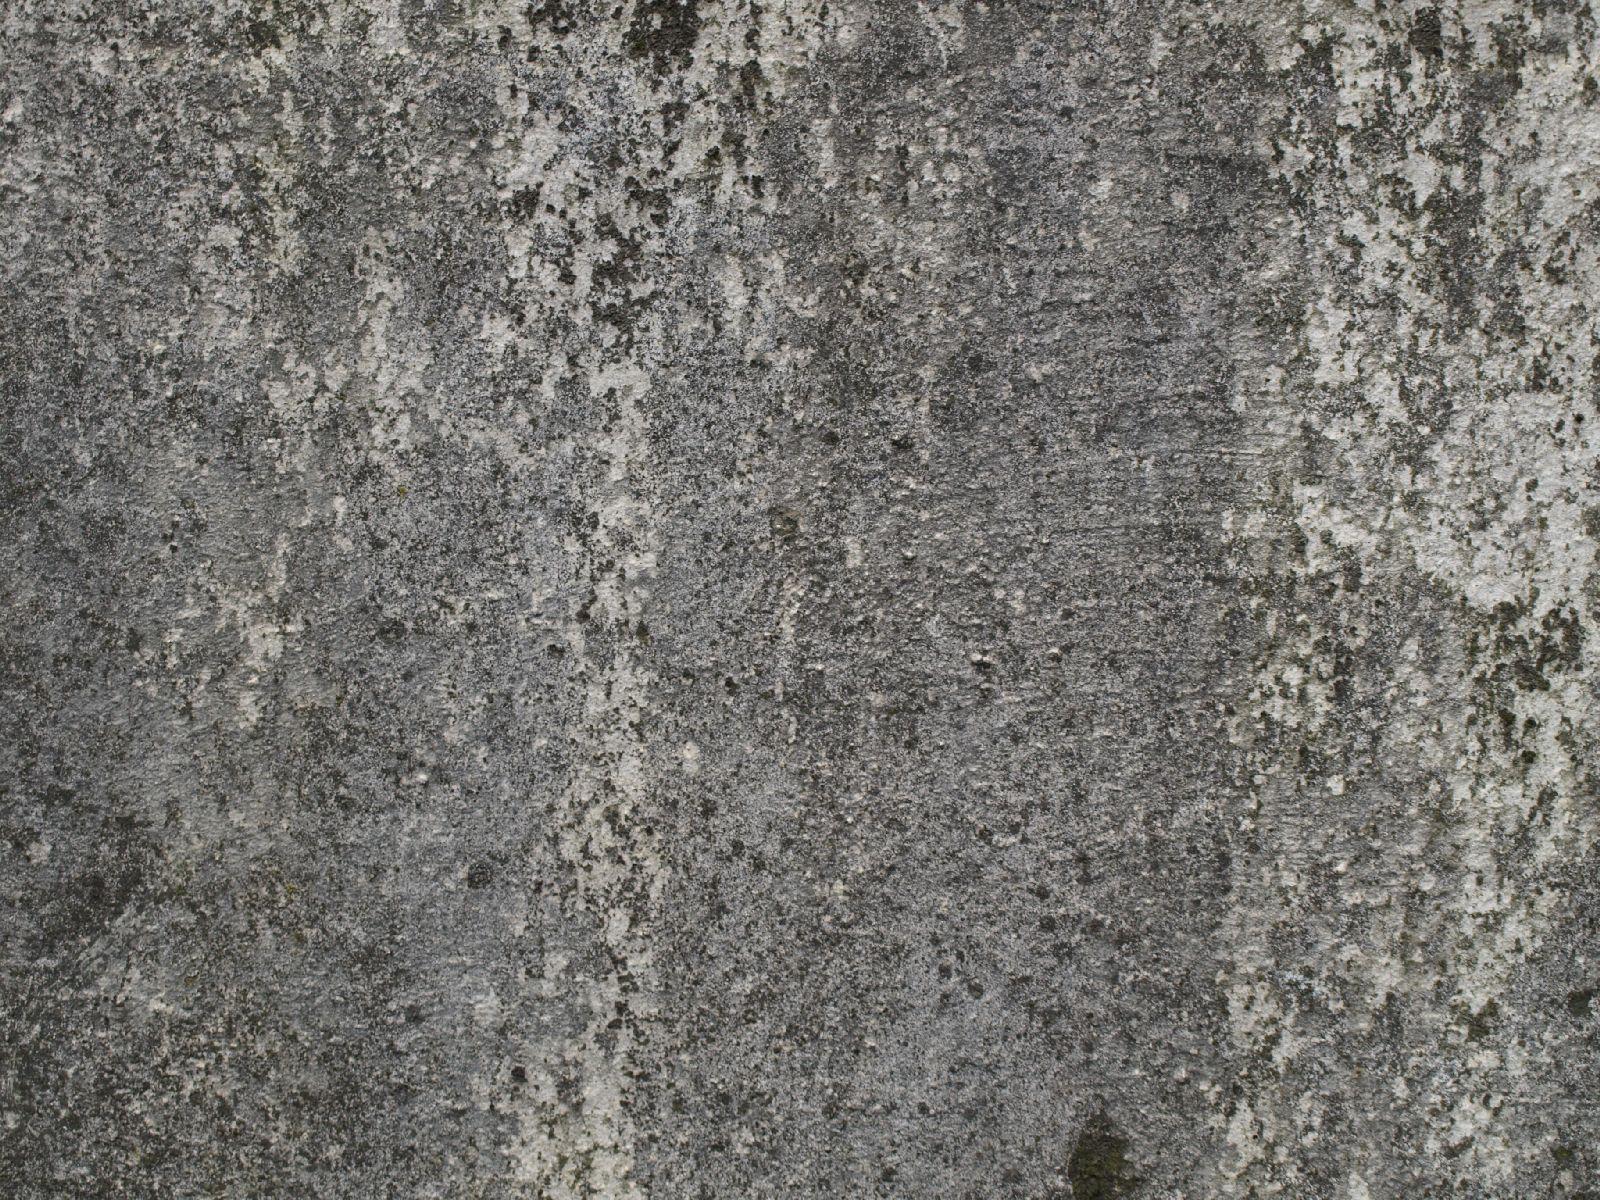 Grunge-Dreck_Textur_A_PB026429